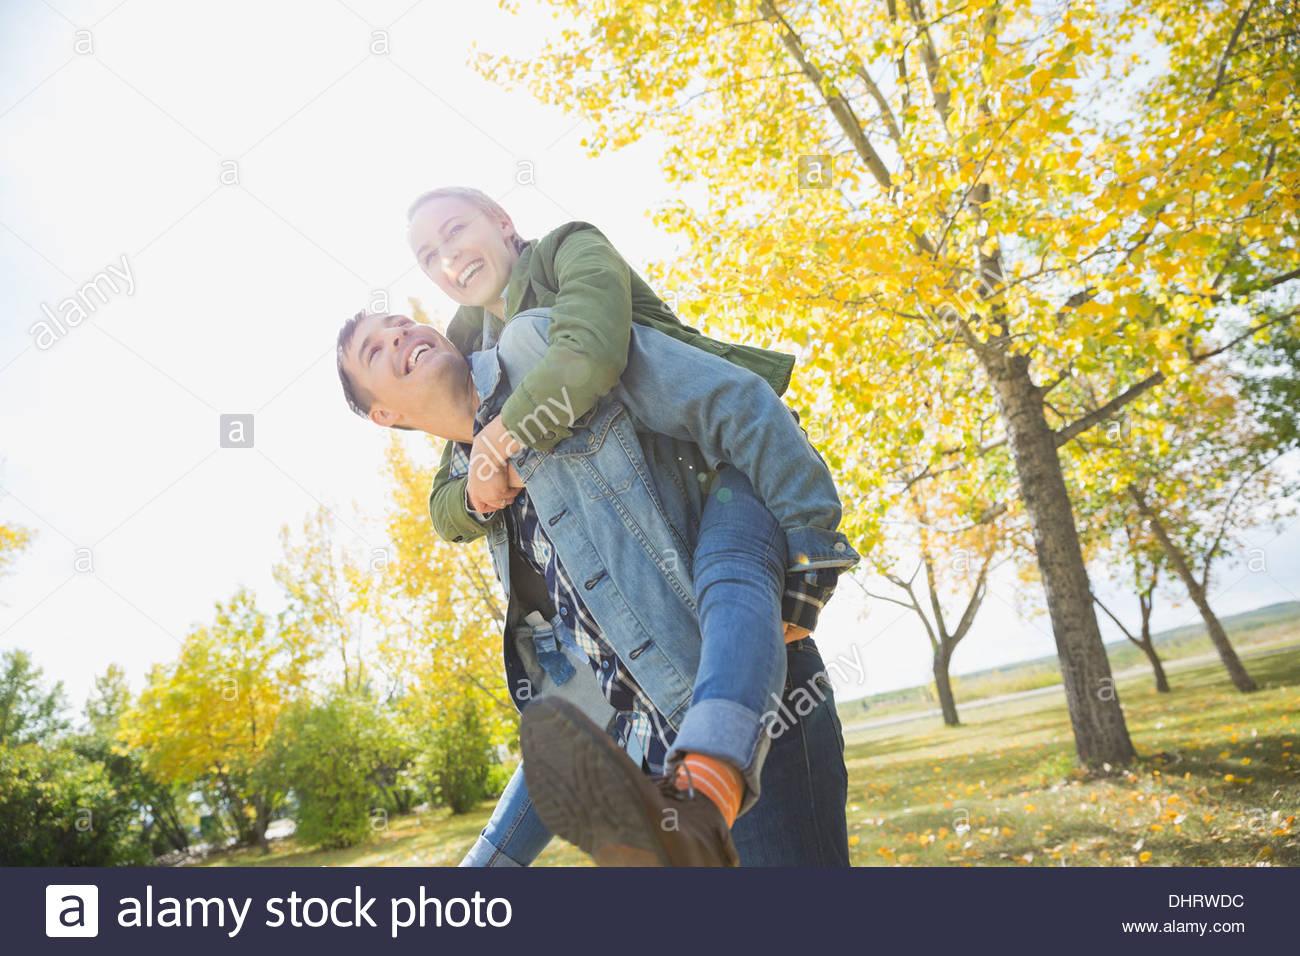 Man piggybacking woman in park - Stock Image